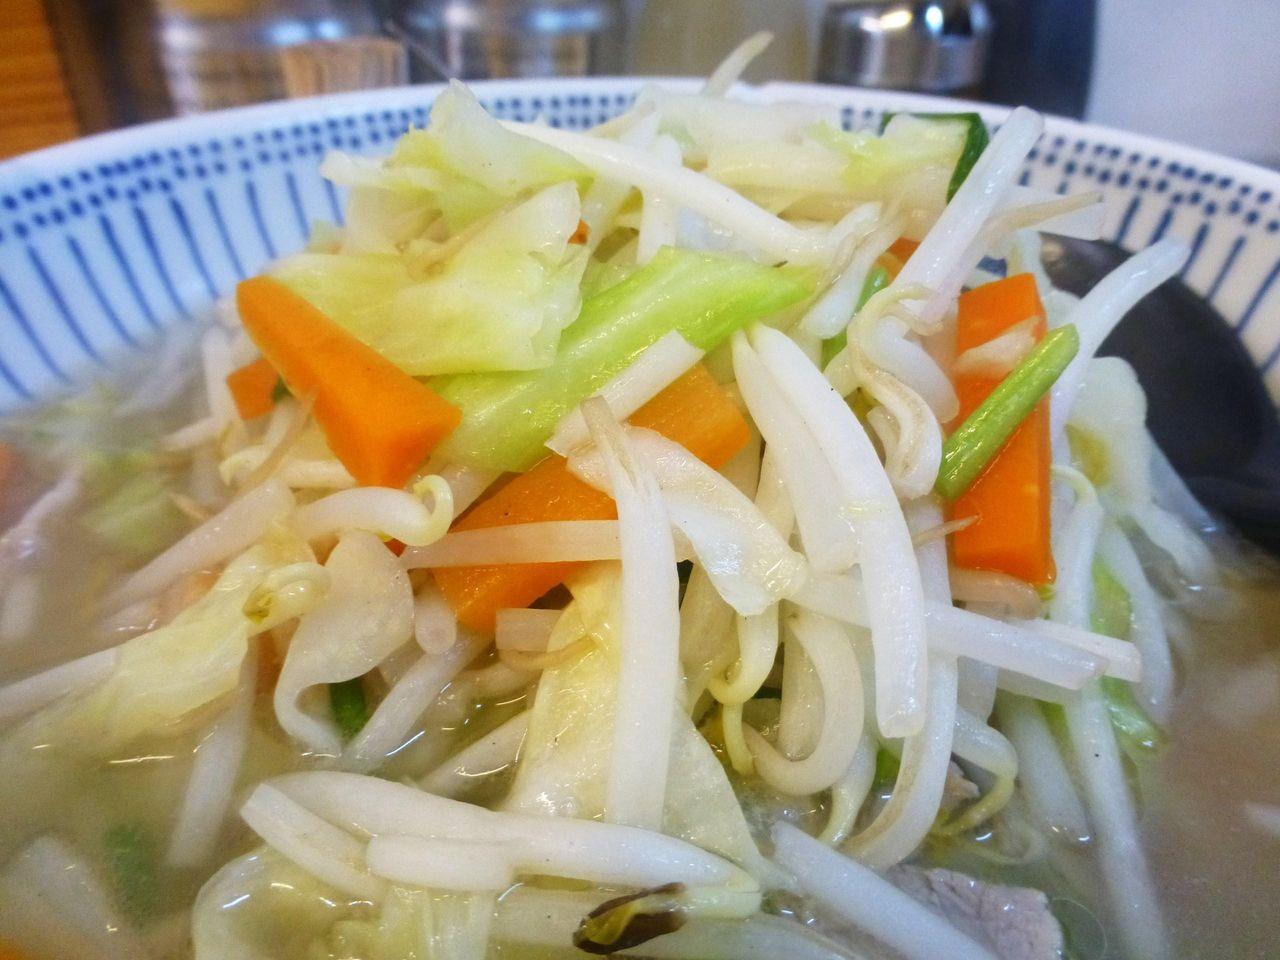 色鮮やかな野菜が山盛りで、見た目も食欲をそそります!